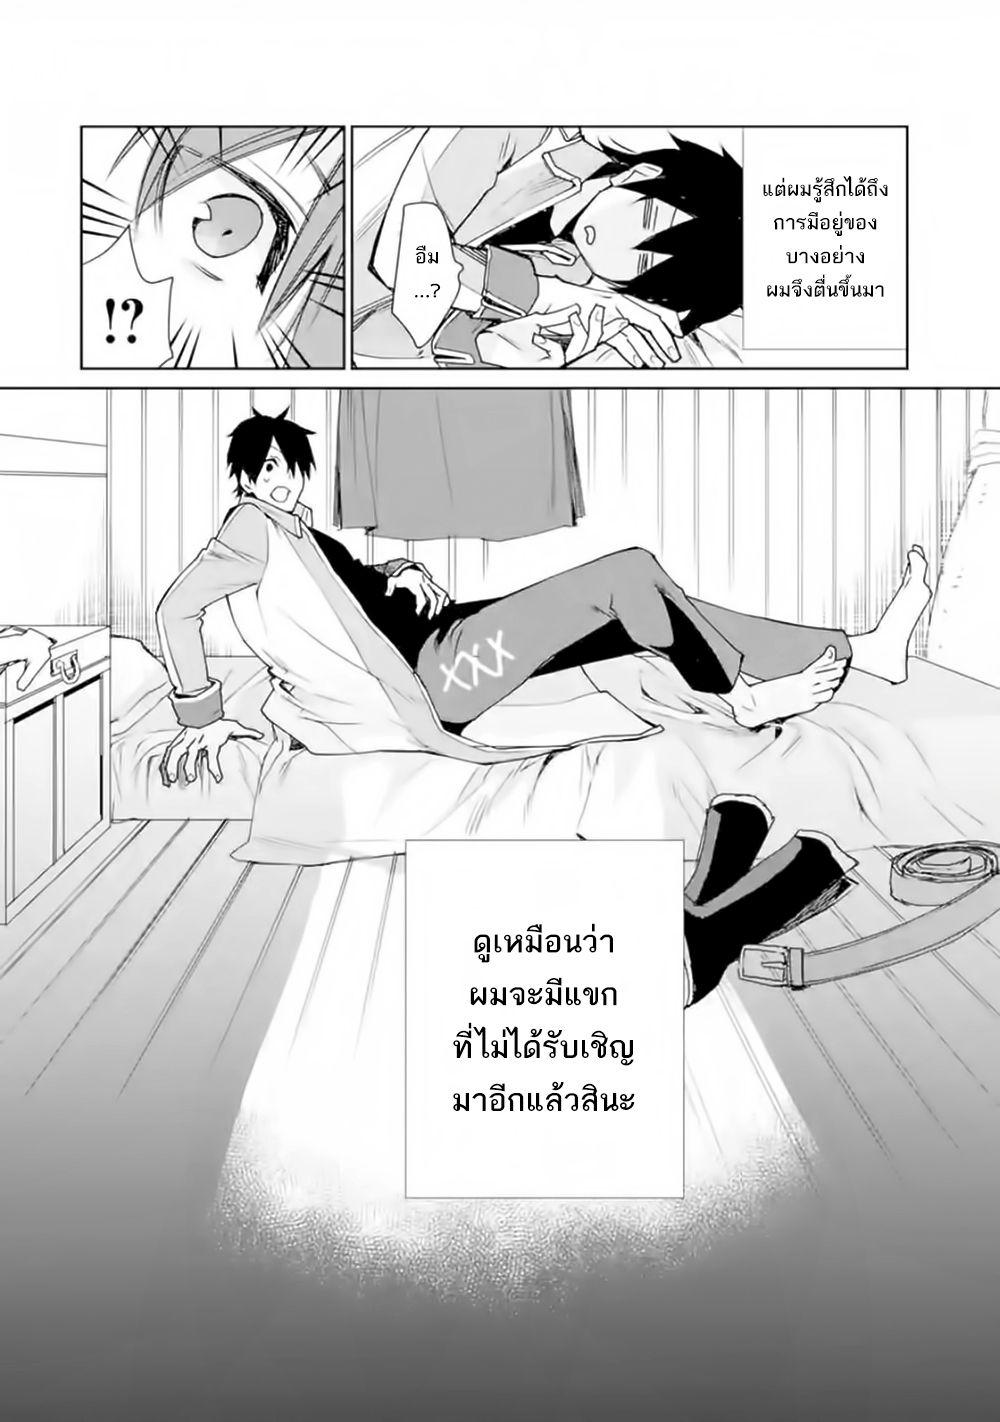 อ่านการ์ตูน Saikyo no mado-shi. Hiza ni ya o ukete shimattanode inaka no eihei ni naru ตอนที่ 2.3 หน้าที่ 15